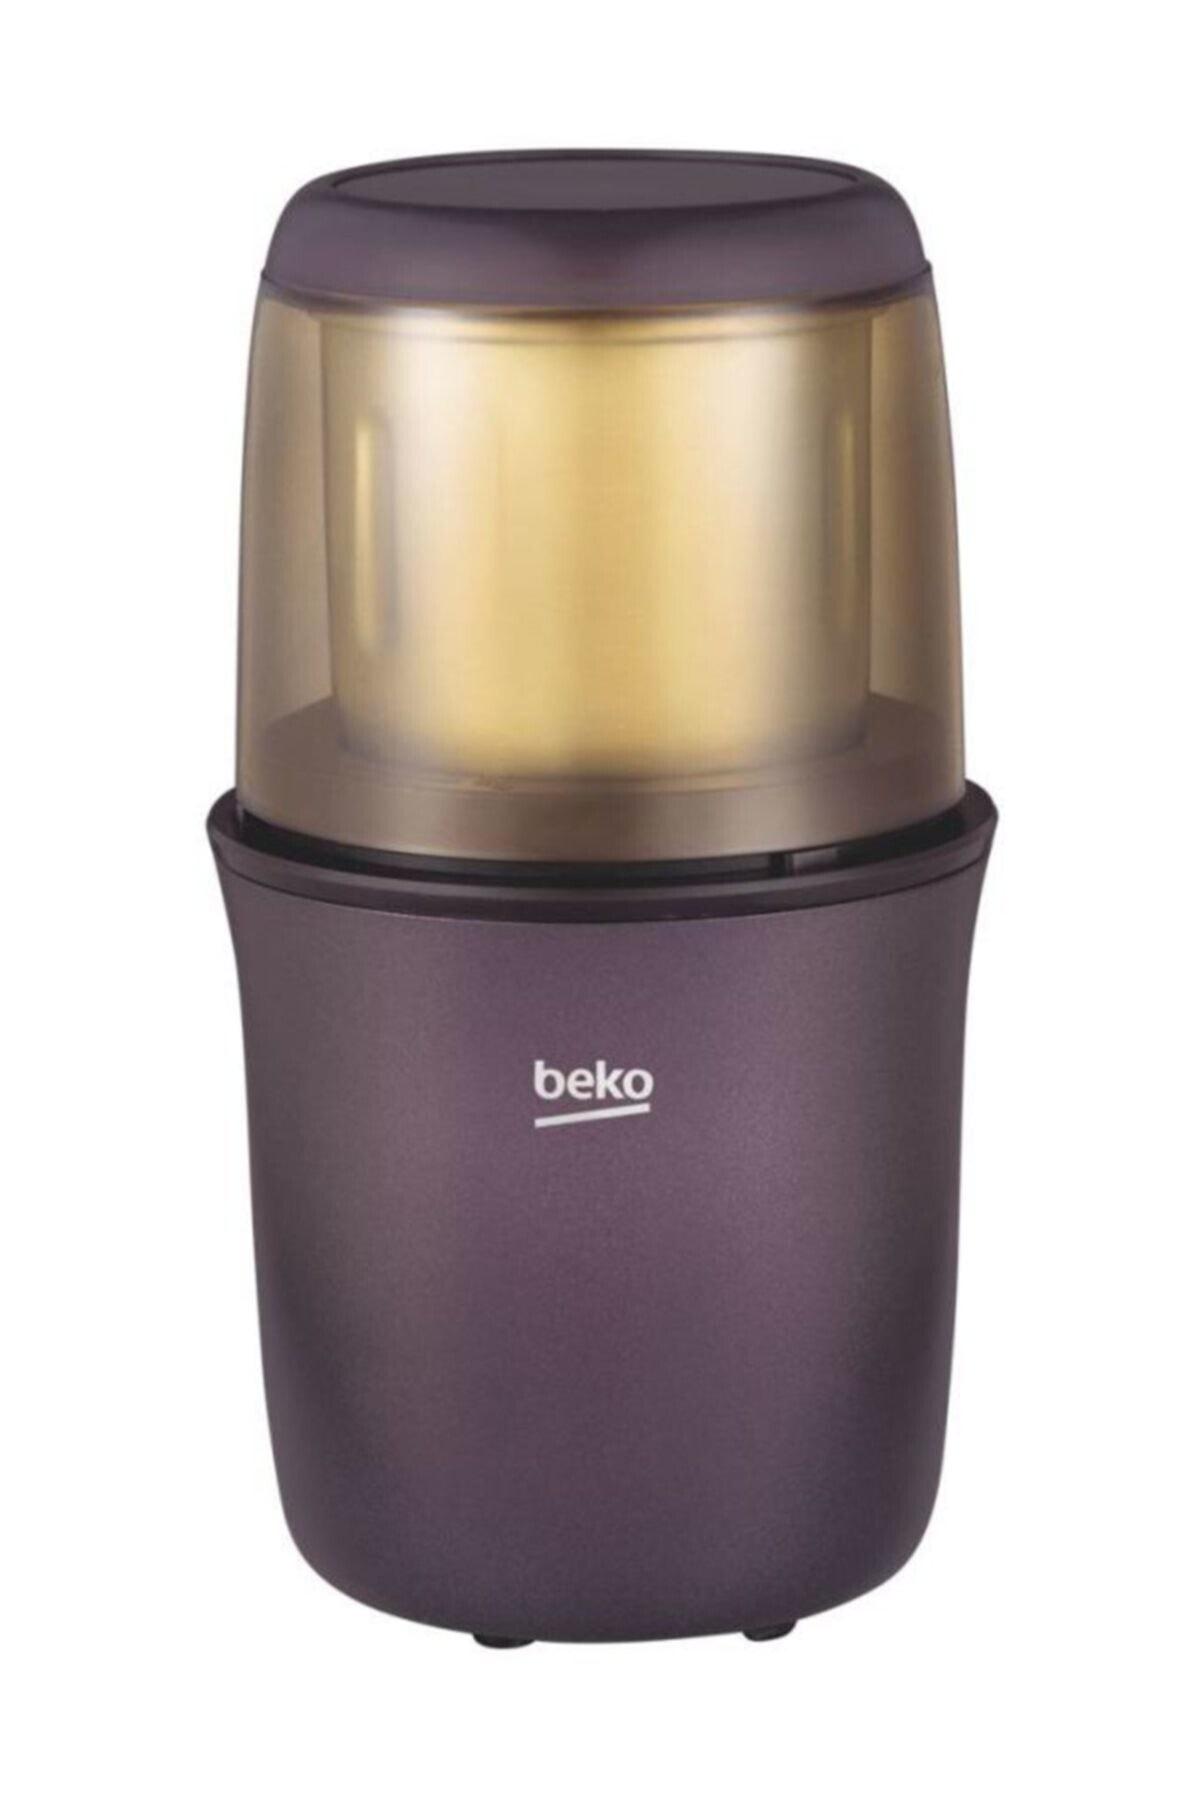 Beko Bkk 2104 Kahve Ve Baharat Öğütme Makinesi 1